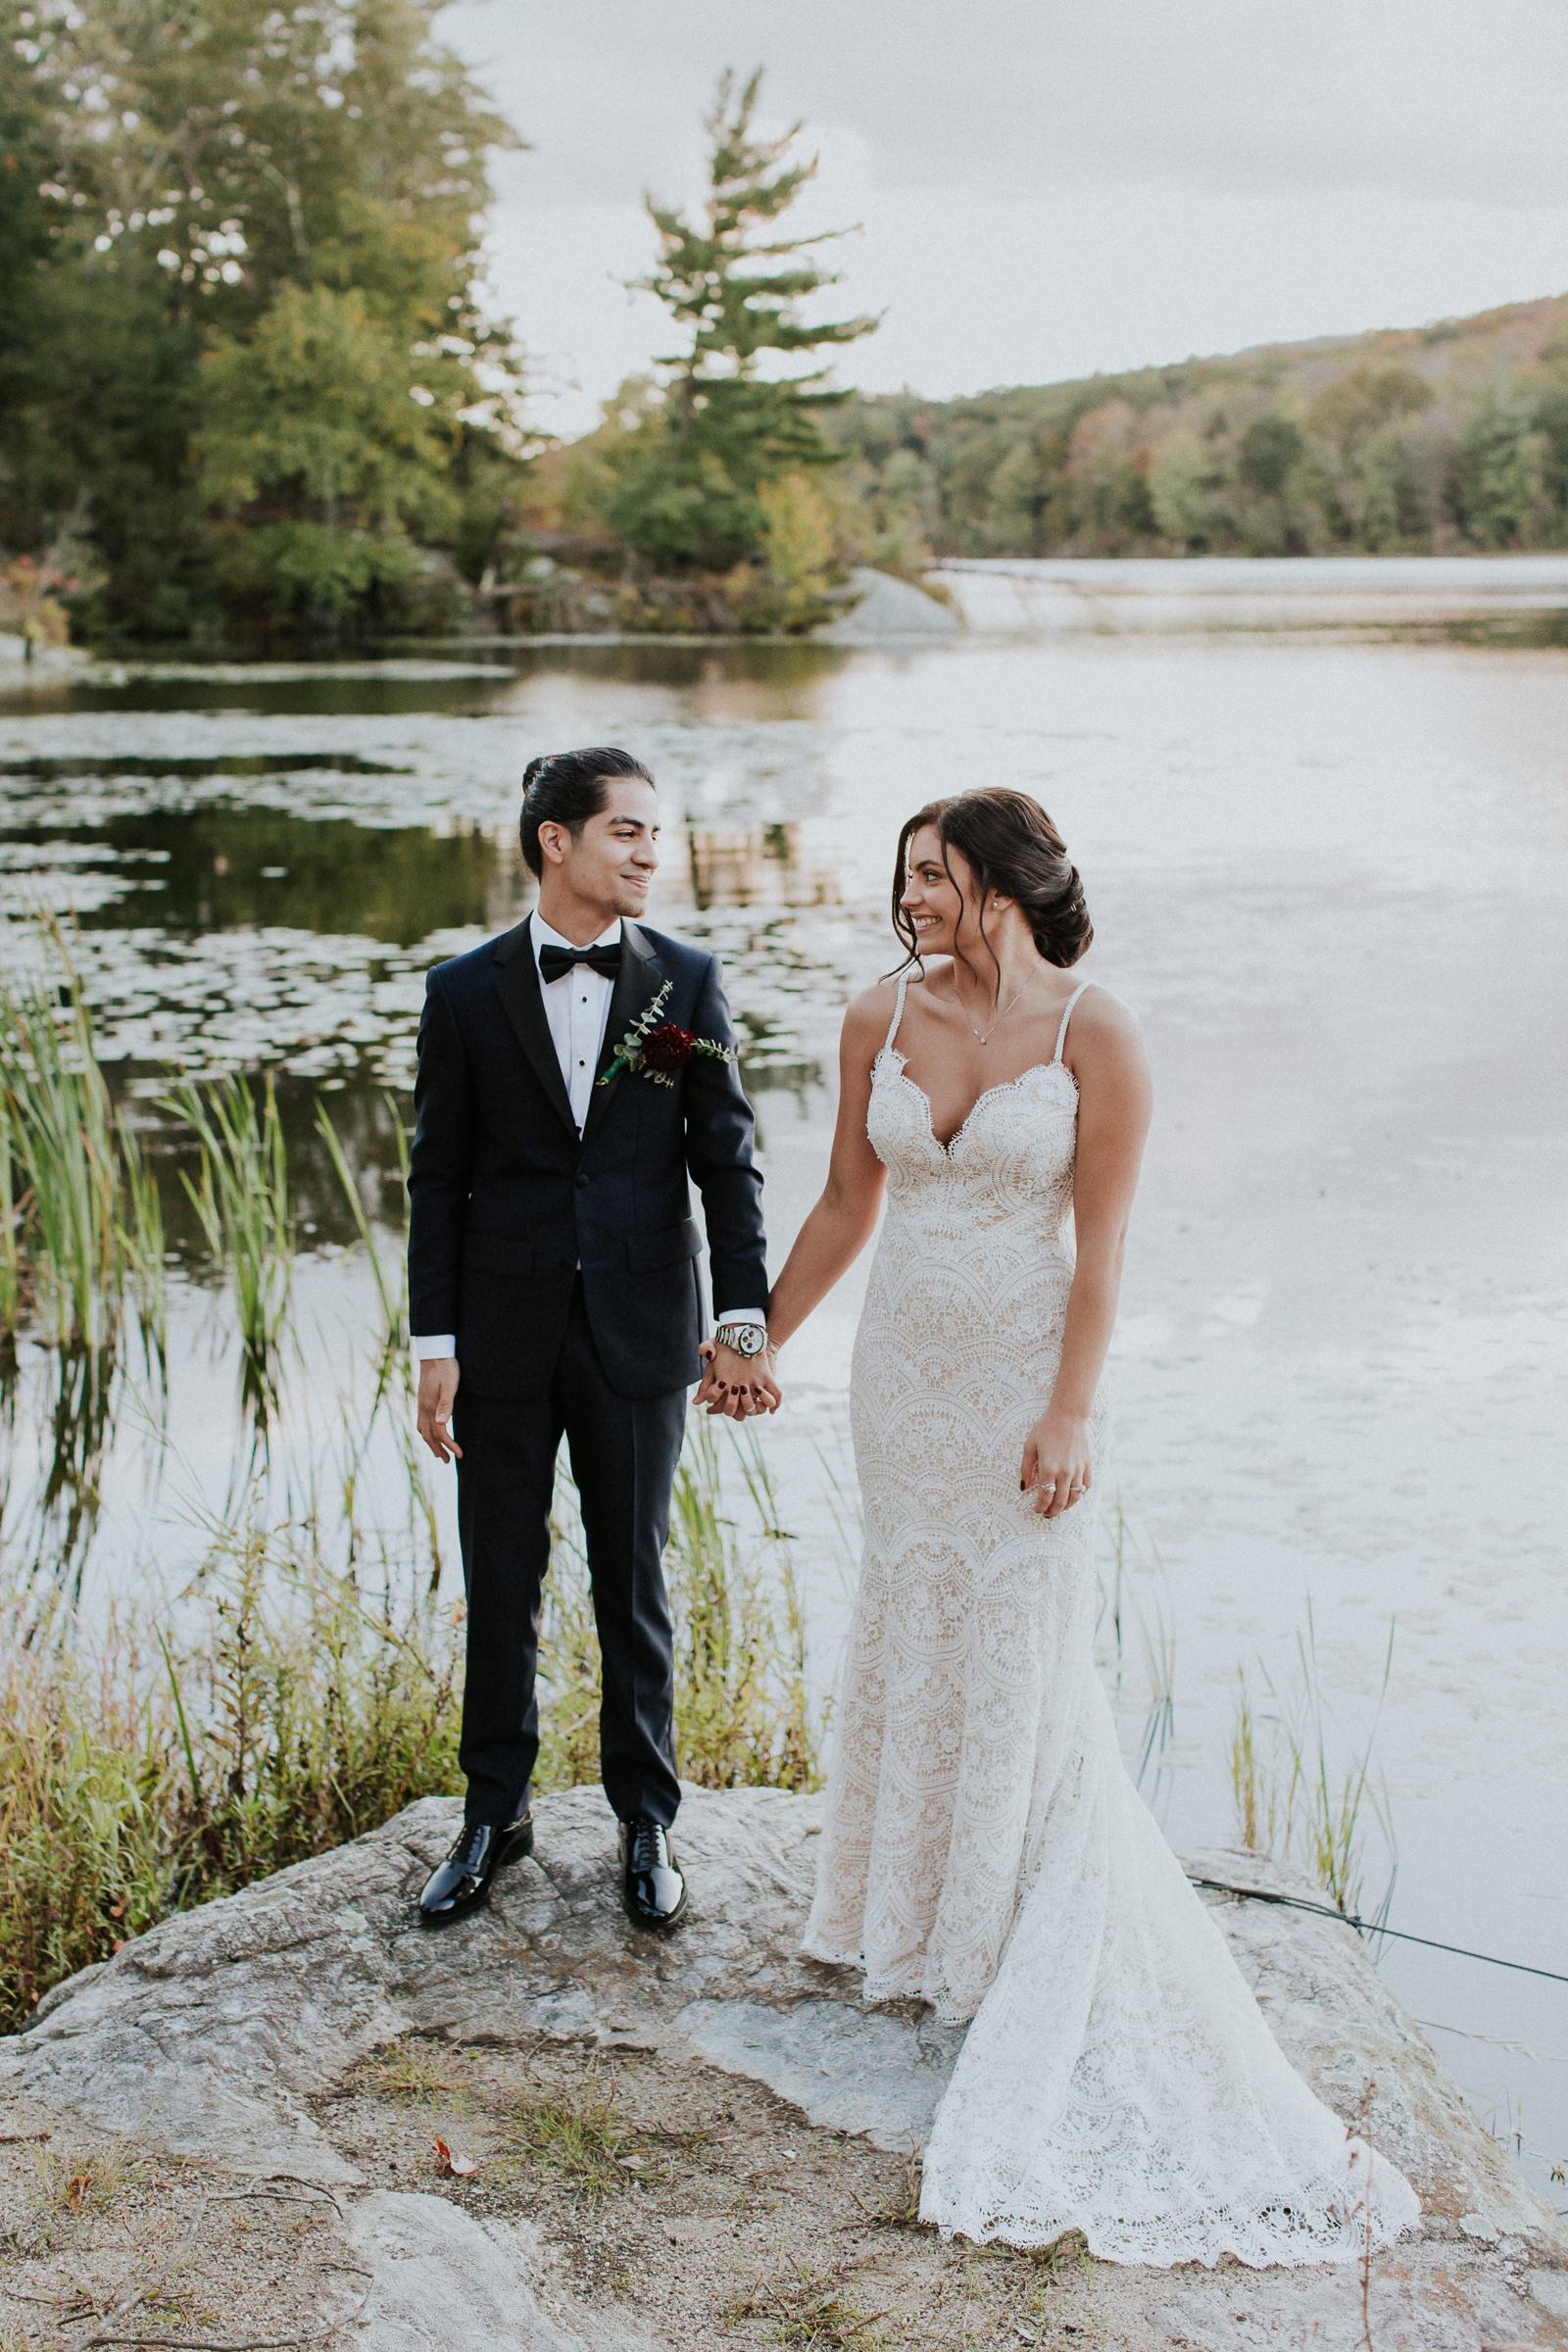 Arrow-Park-Monroe-NY-Documentary-Wedding-Photographer-72.jpg